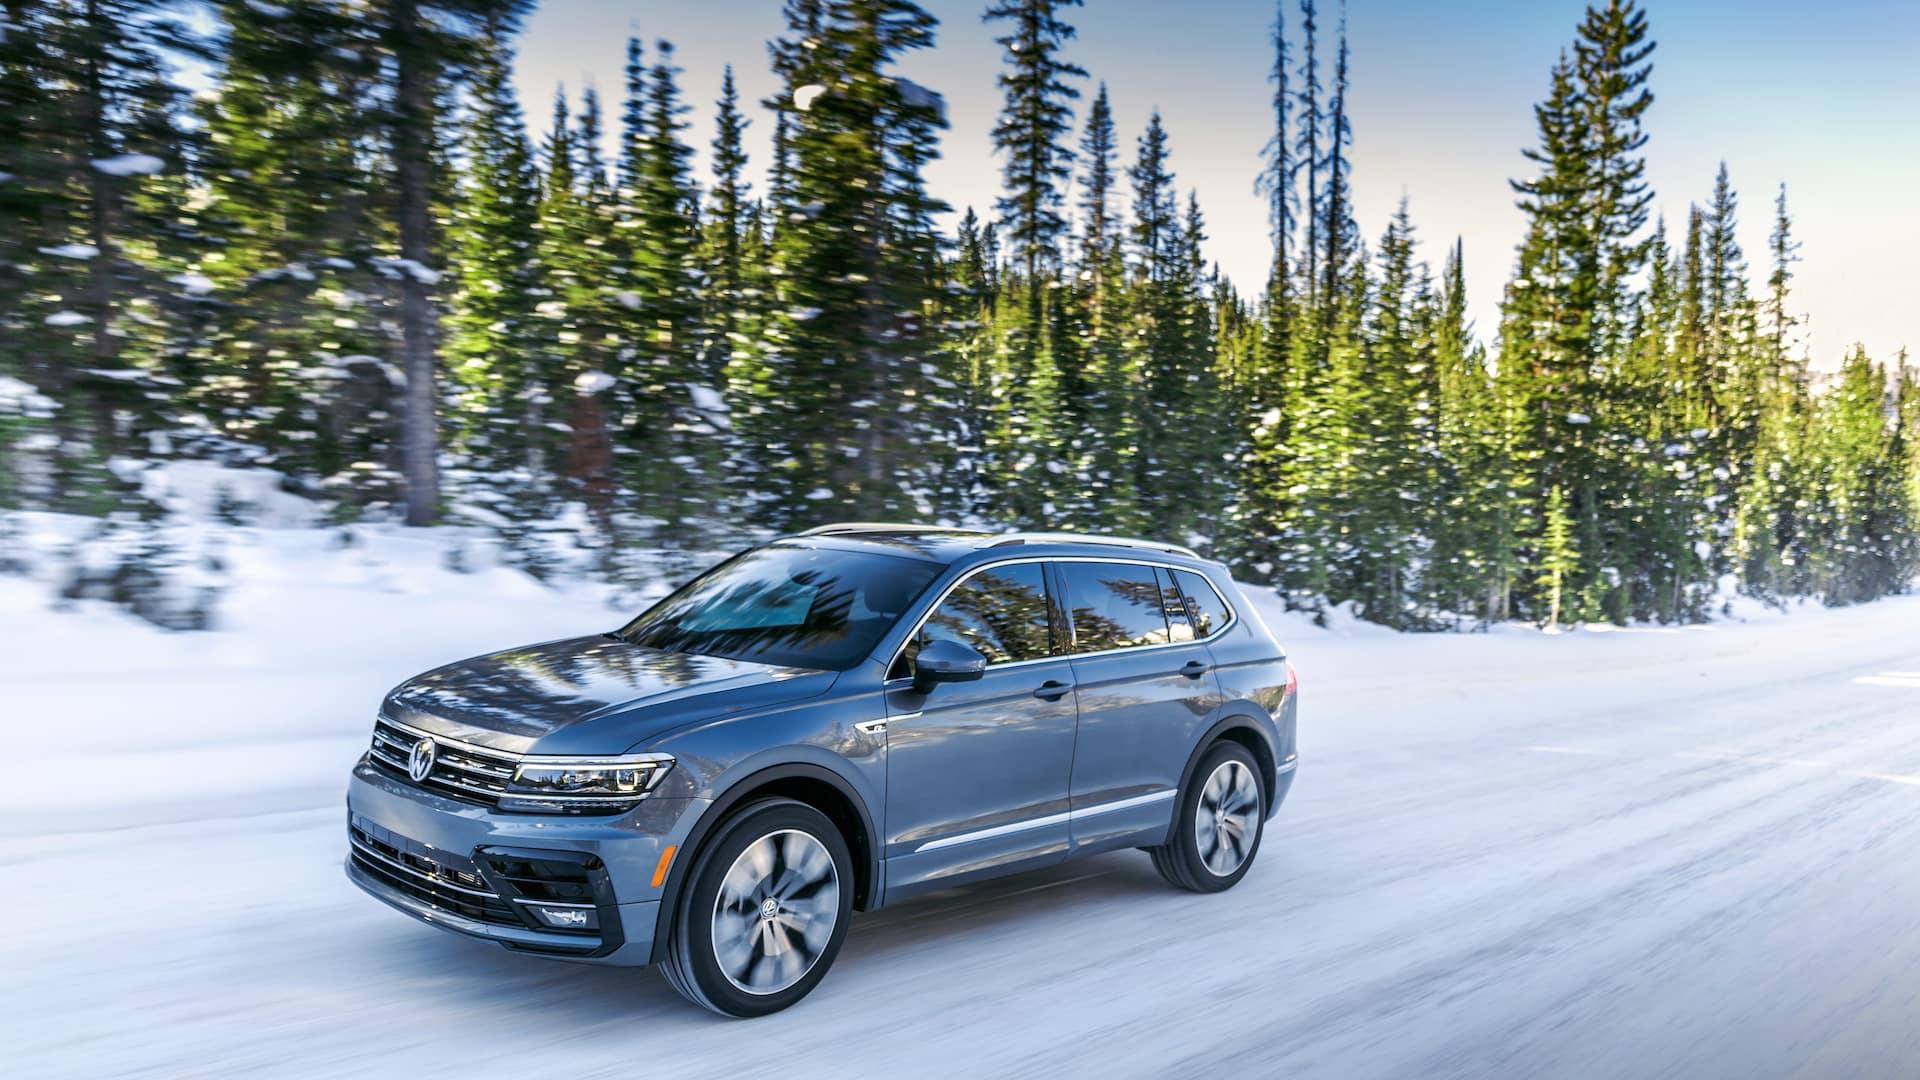 Winter photo of the 2020 Volkswagen Tiguan